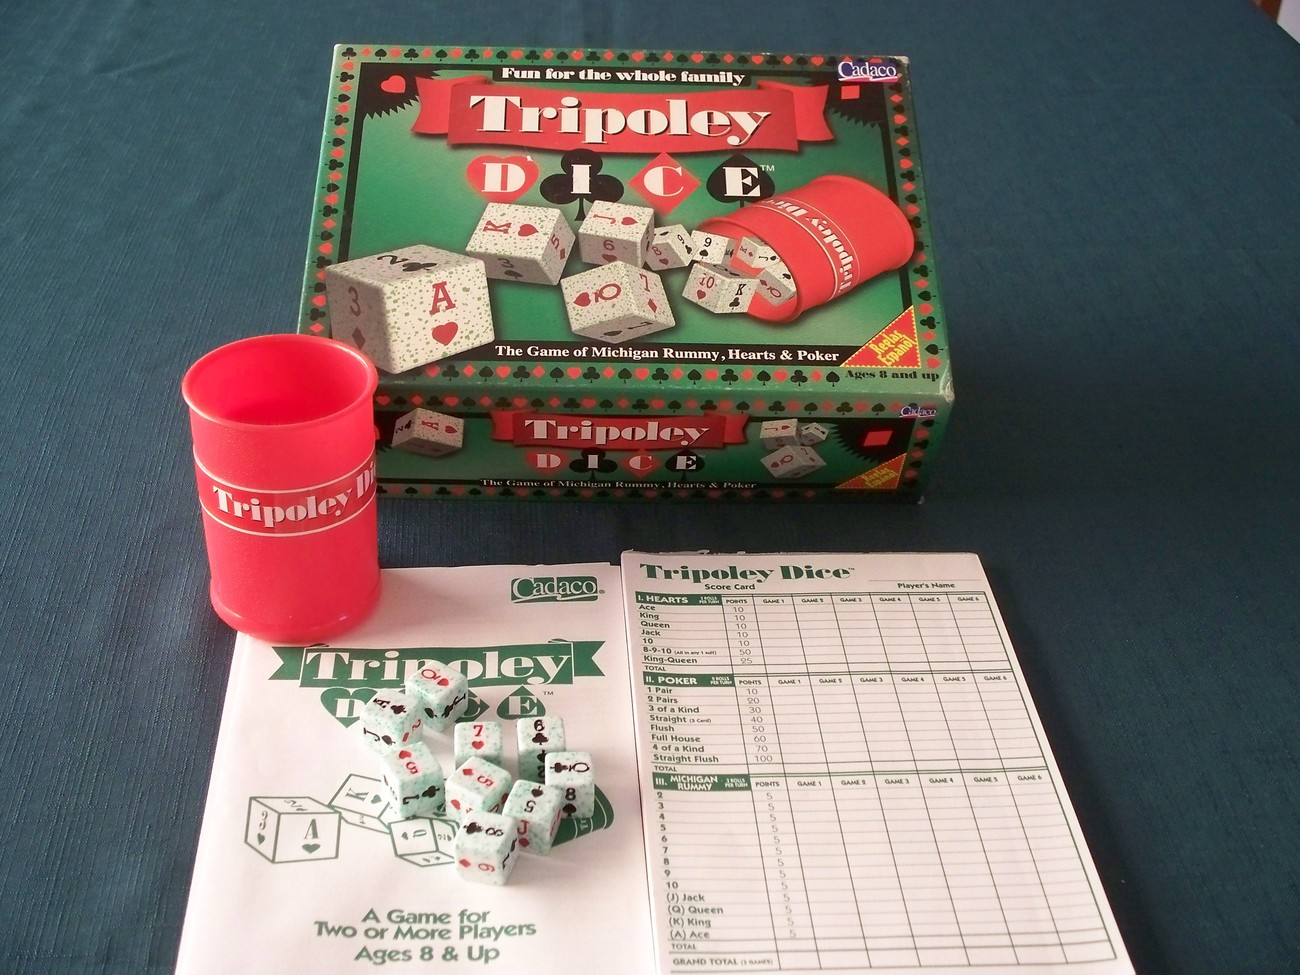 Tripoley Dice by Cadaco 1997.  Complete VGC